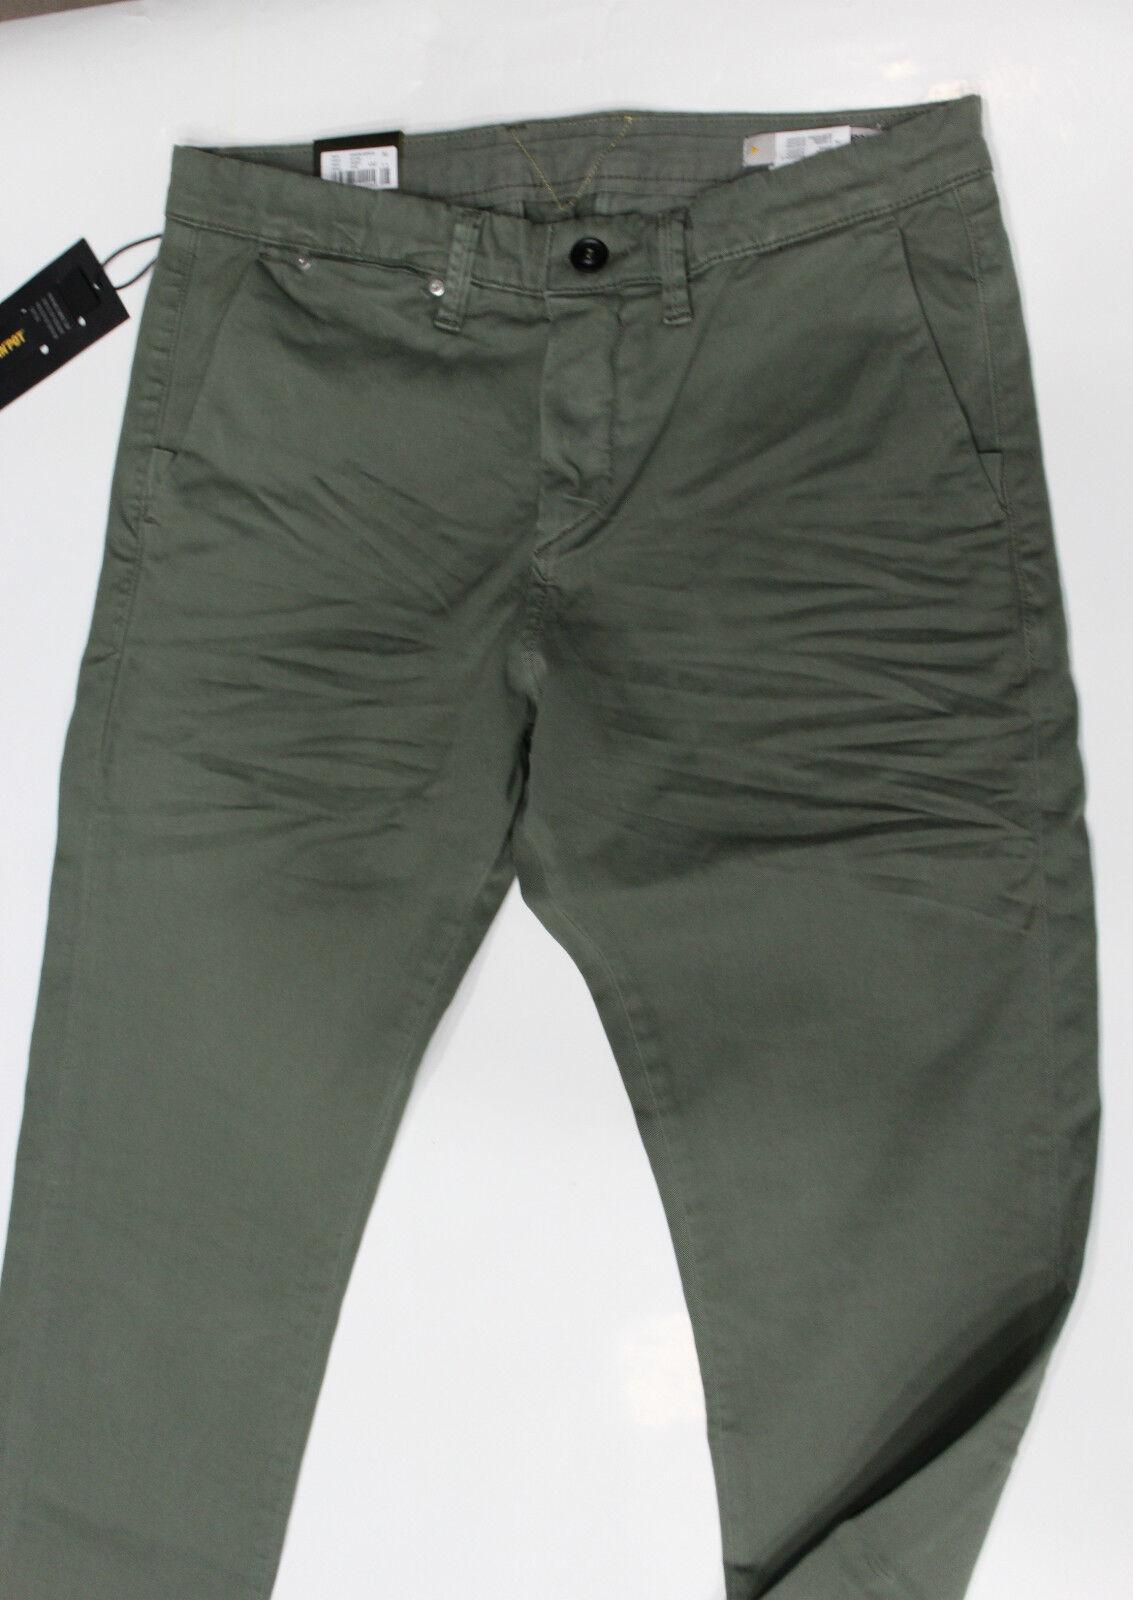 MELTIN POT pantalone uomo - MODELLO SIMON - TAGLIA W31